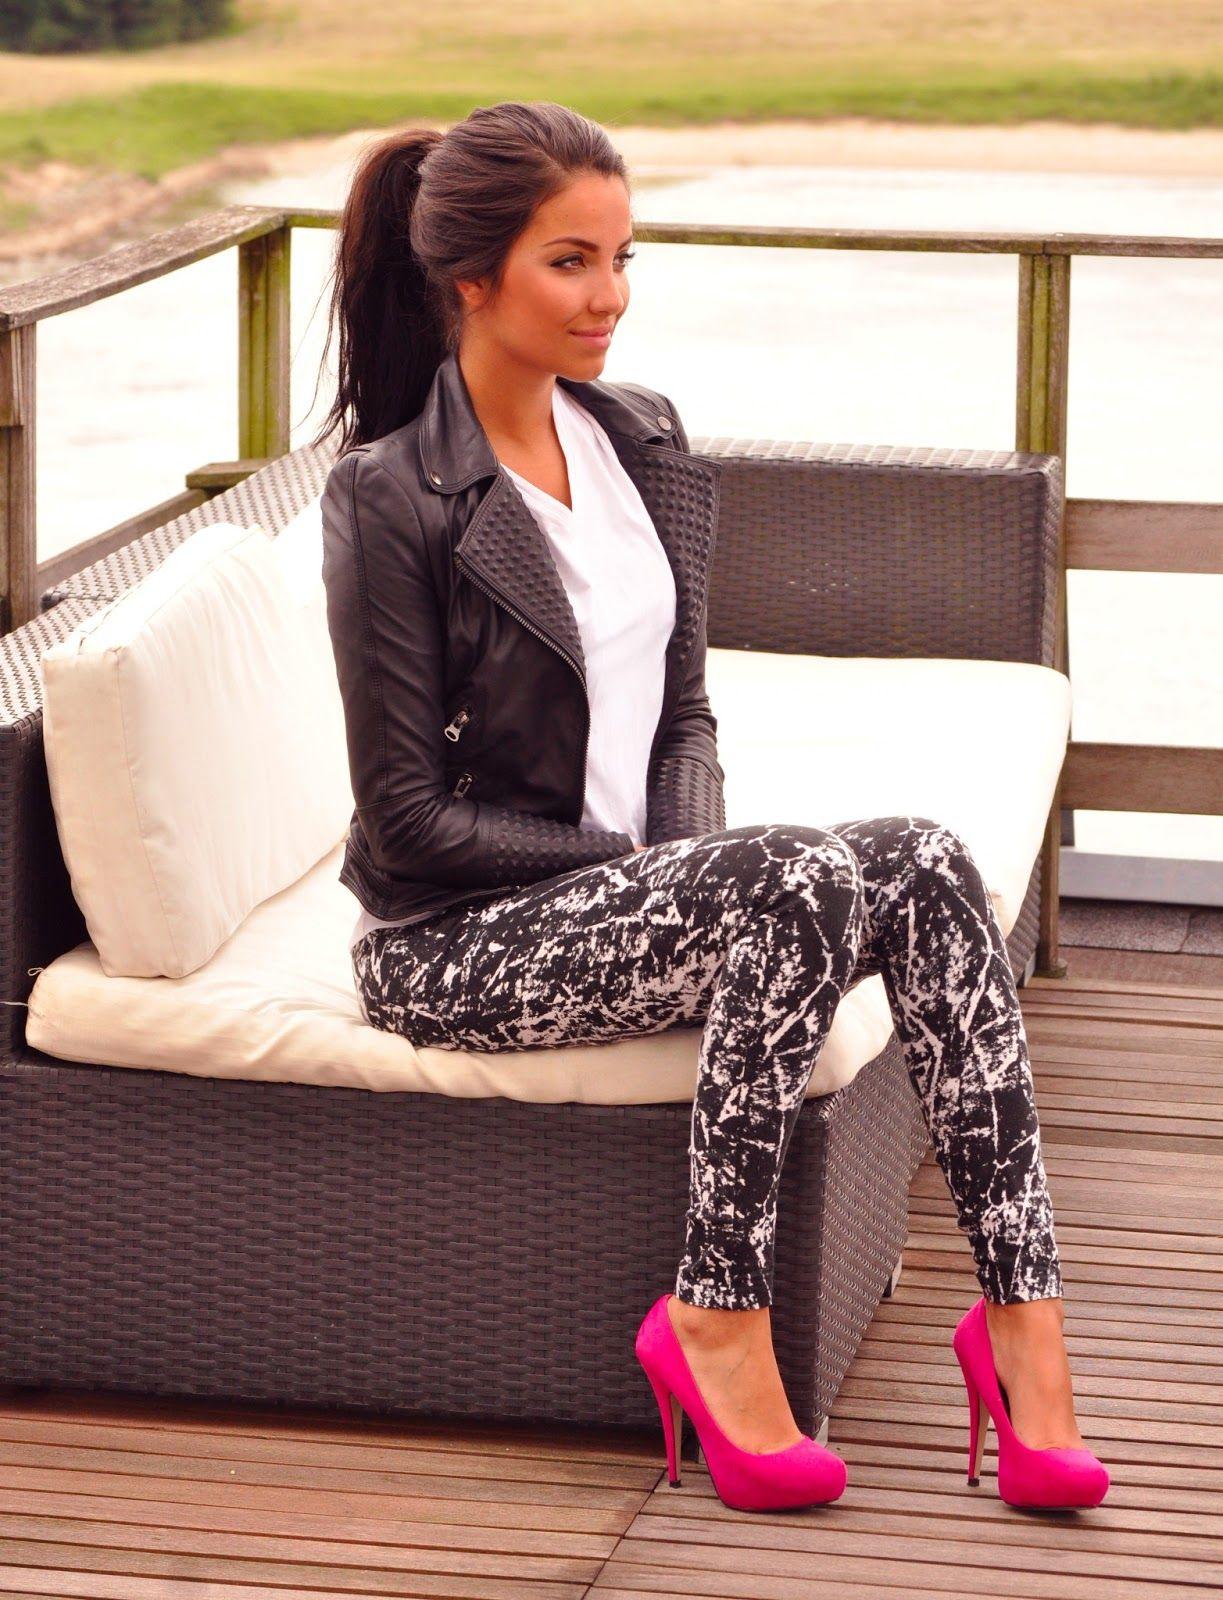 Farida Fashion Pinterest Siti Su Web Di Gabr Pin 5UqcIwFF